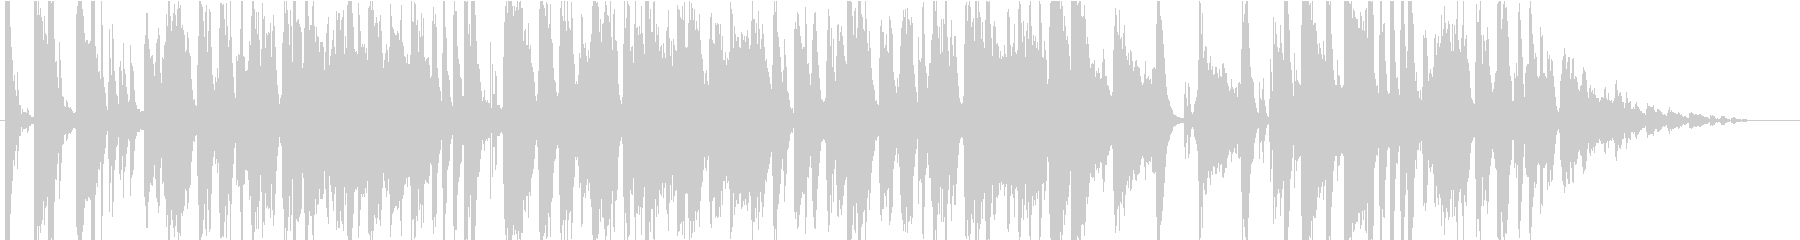 ショッピングをイメージ うきうきポップの未再生の波形